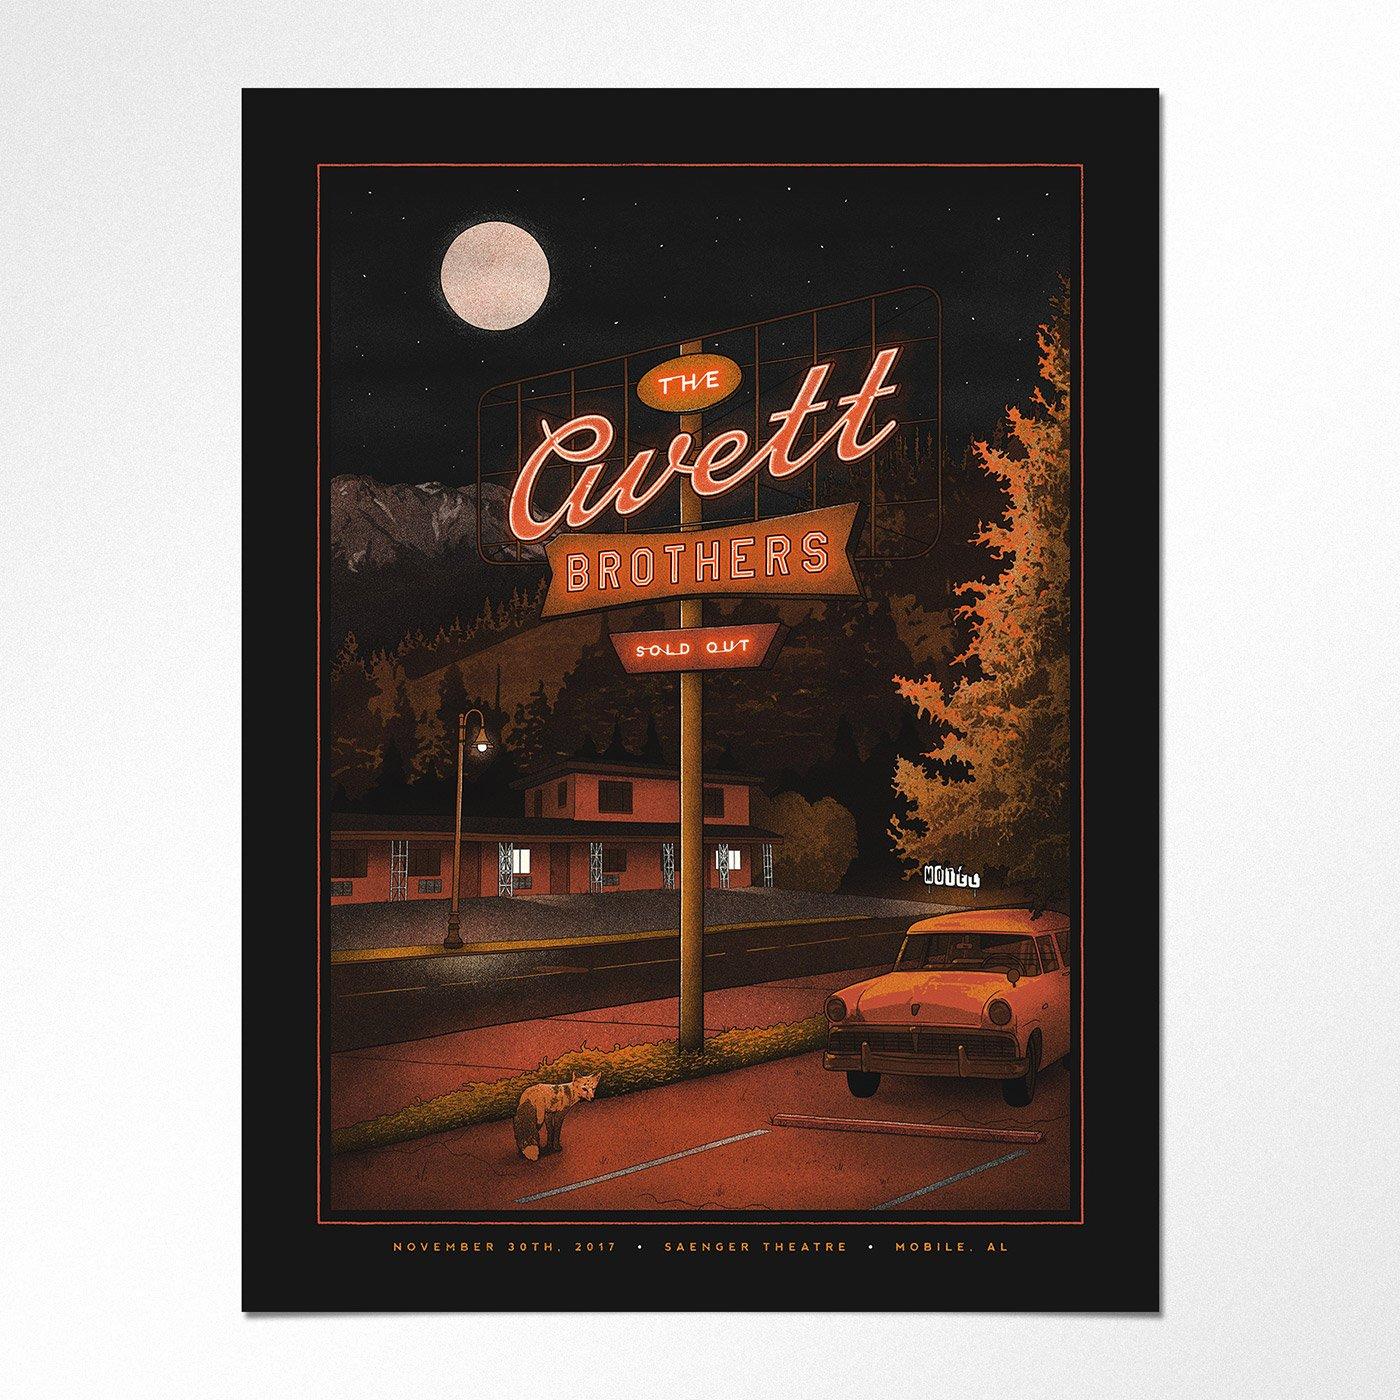 精致细腻的插画风 Nicholas Moegly音乐和演唱会海报设计